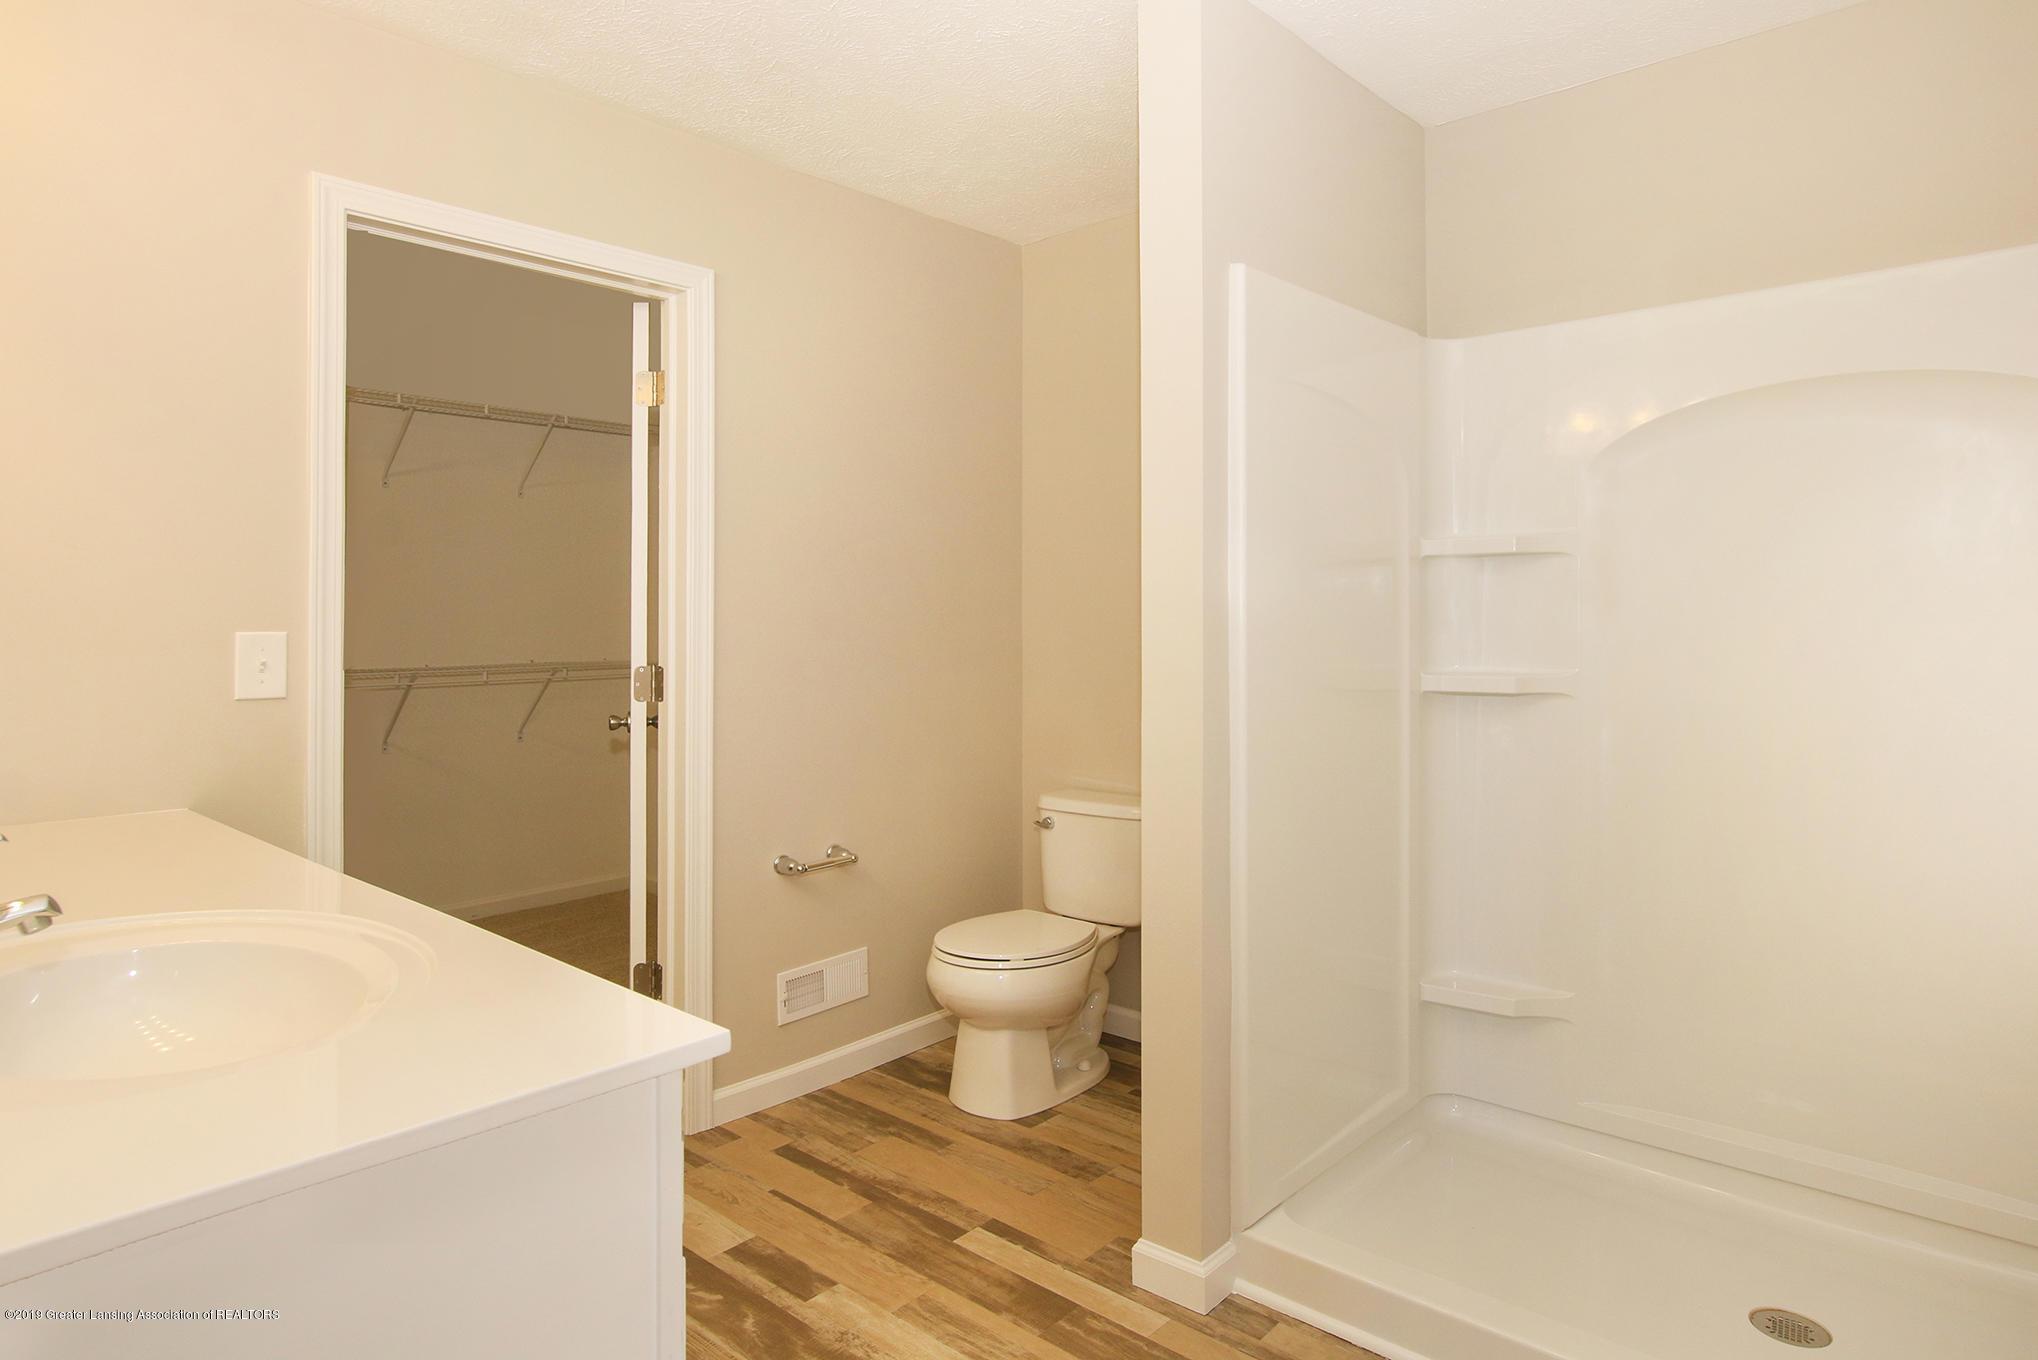 3524 Fernwood Ln - GDN067-C2040 Master Bath - 12